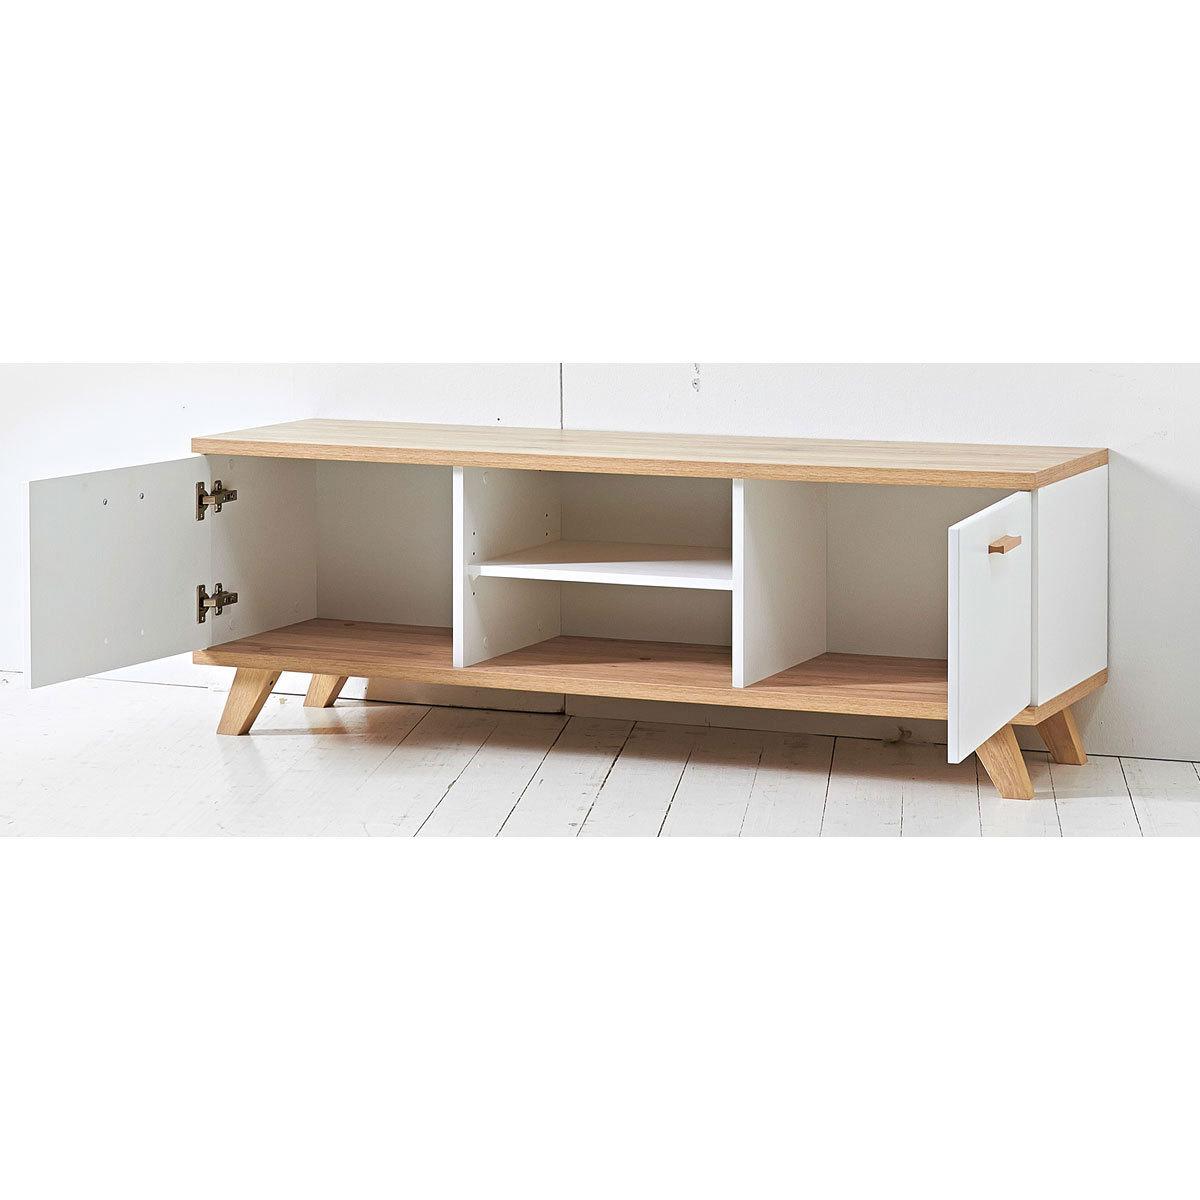 Tabouret De Bar Oslo But Mobilier Design D Coration D Int Rieur # But Meuble Tv Scandinave